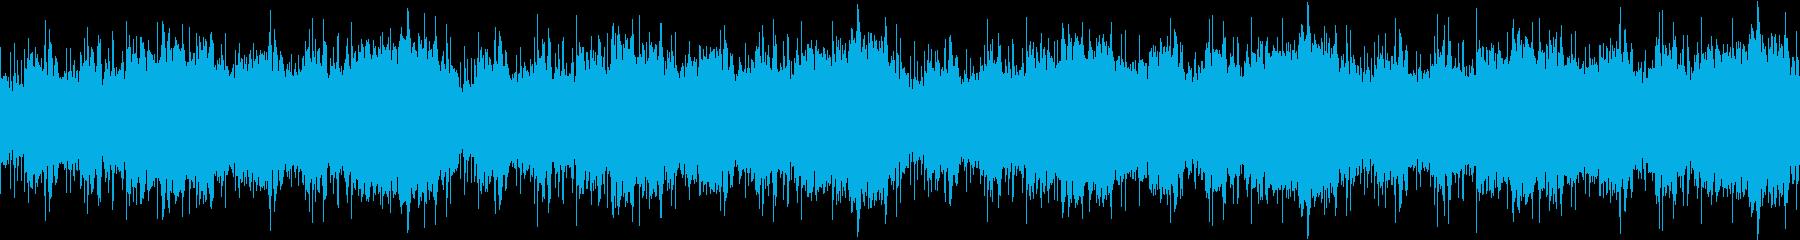 【ループ】温かみのある空気感チルの再生済みの波形